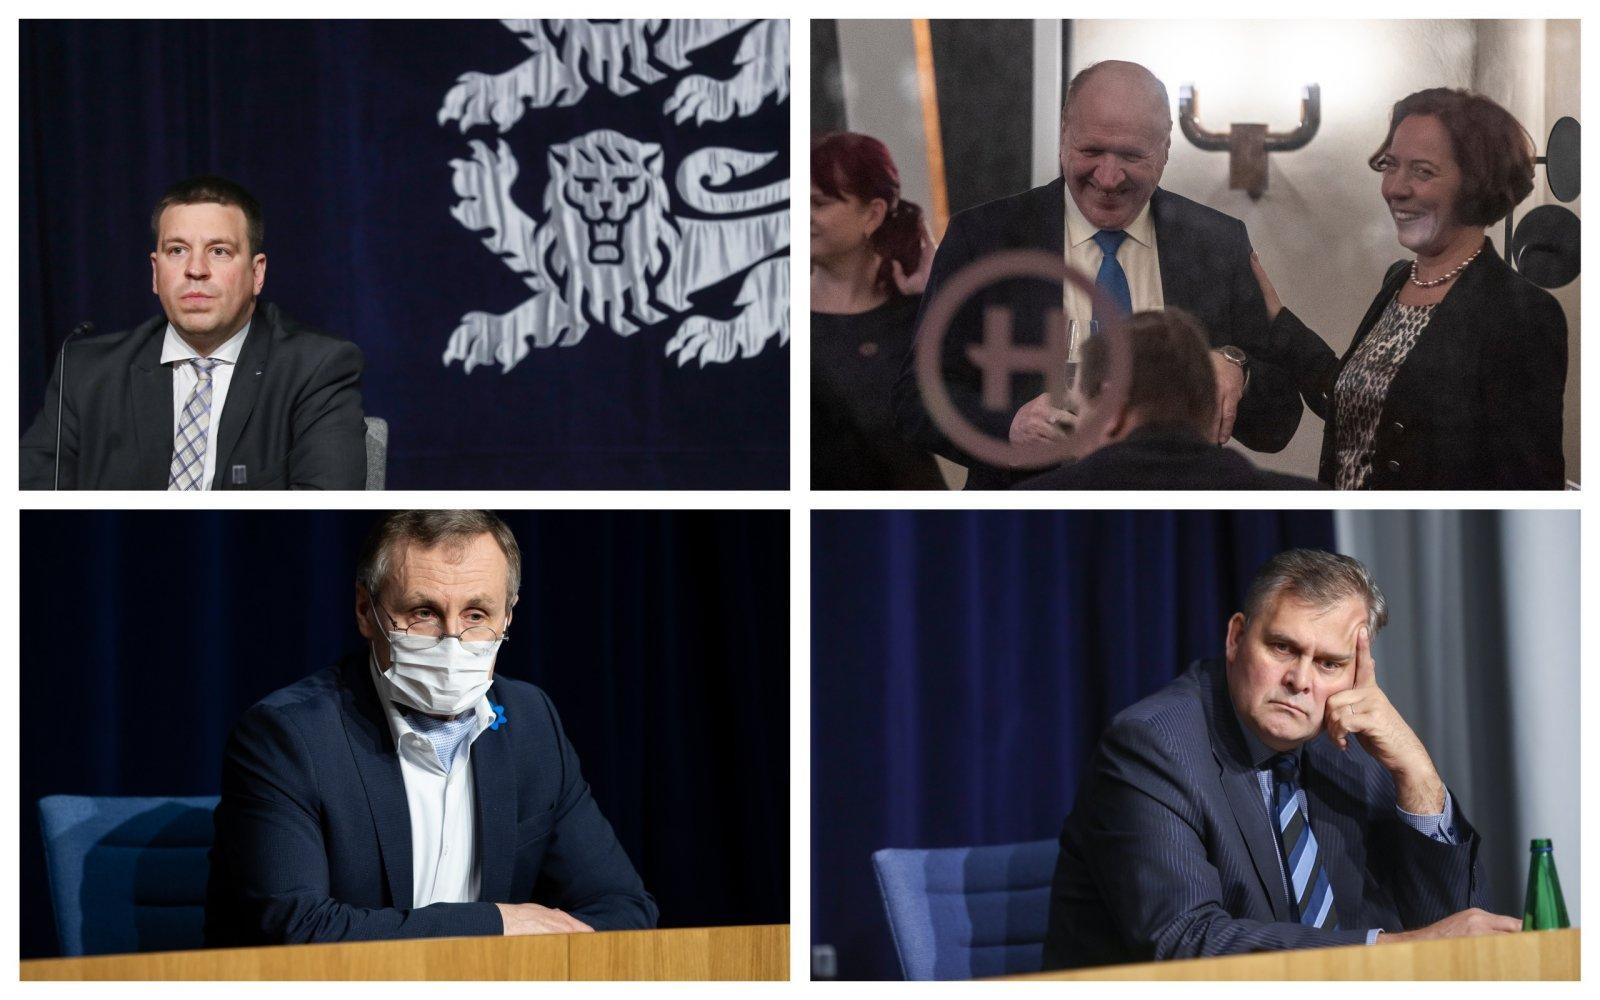 Ministrite rahaline seis:  kel on suurimad laenud, kes on sissetulekus 20 000 kaotanud, kes 30 000 eurot võitnud ja kes investeerib julgelt börsil?